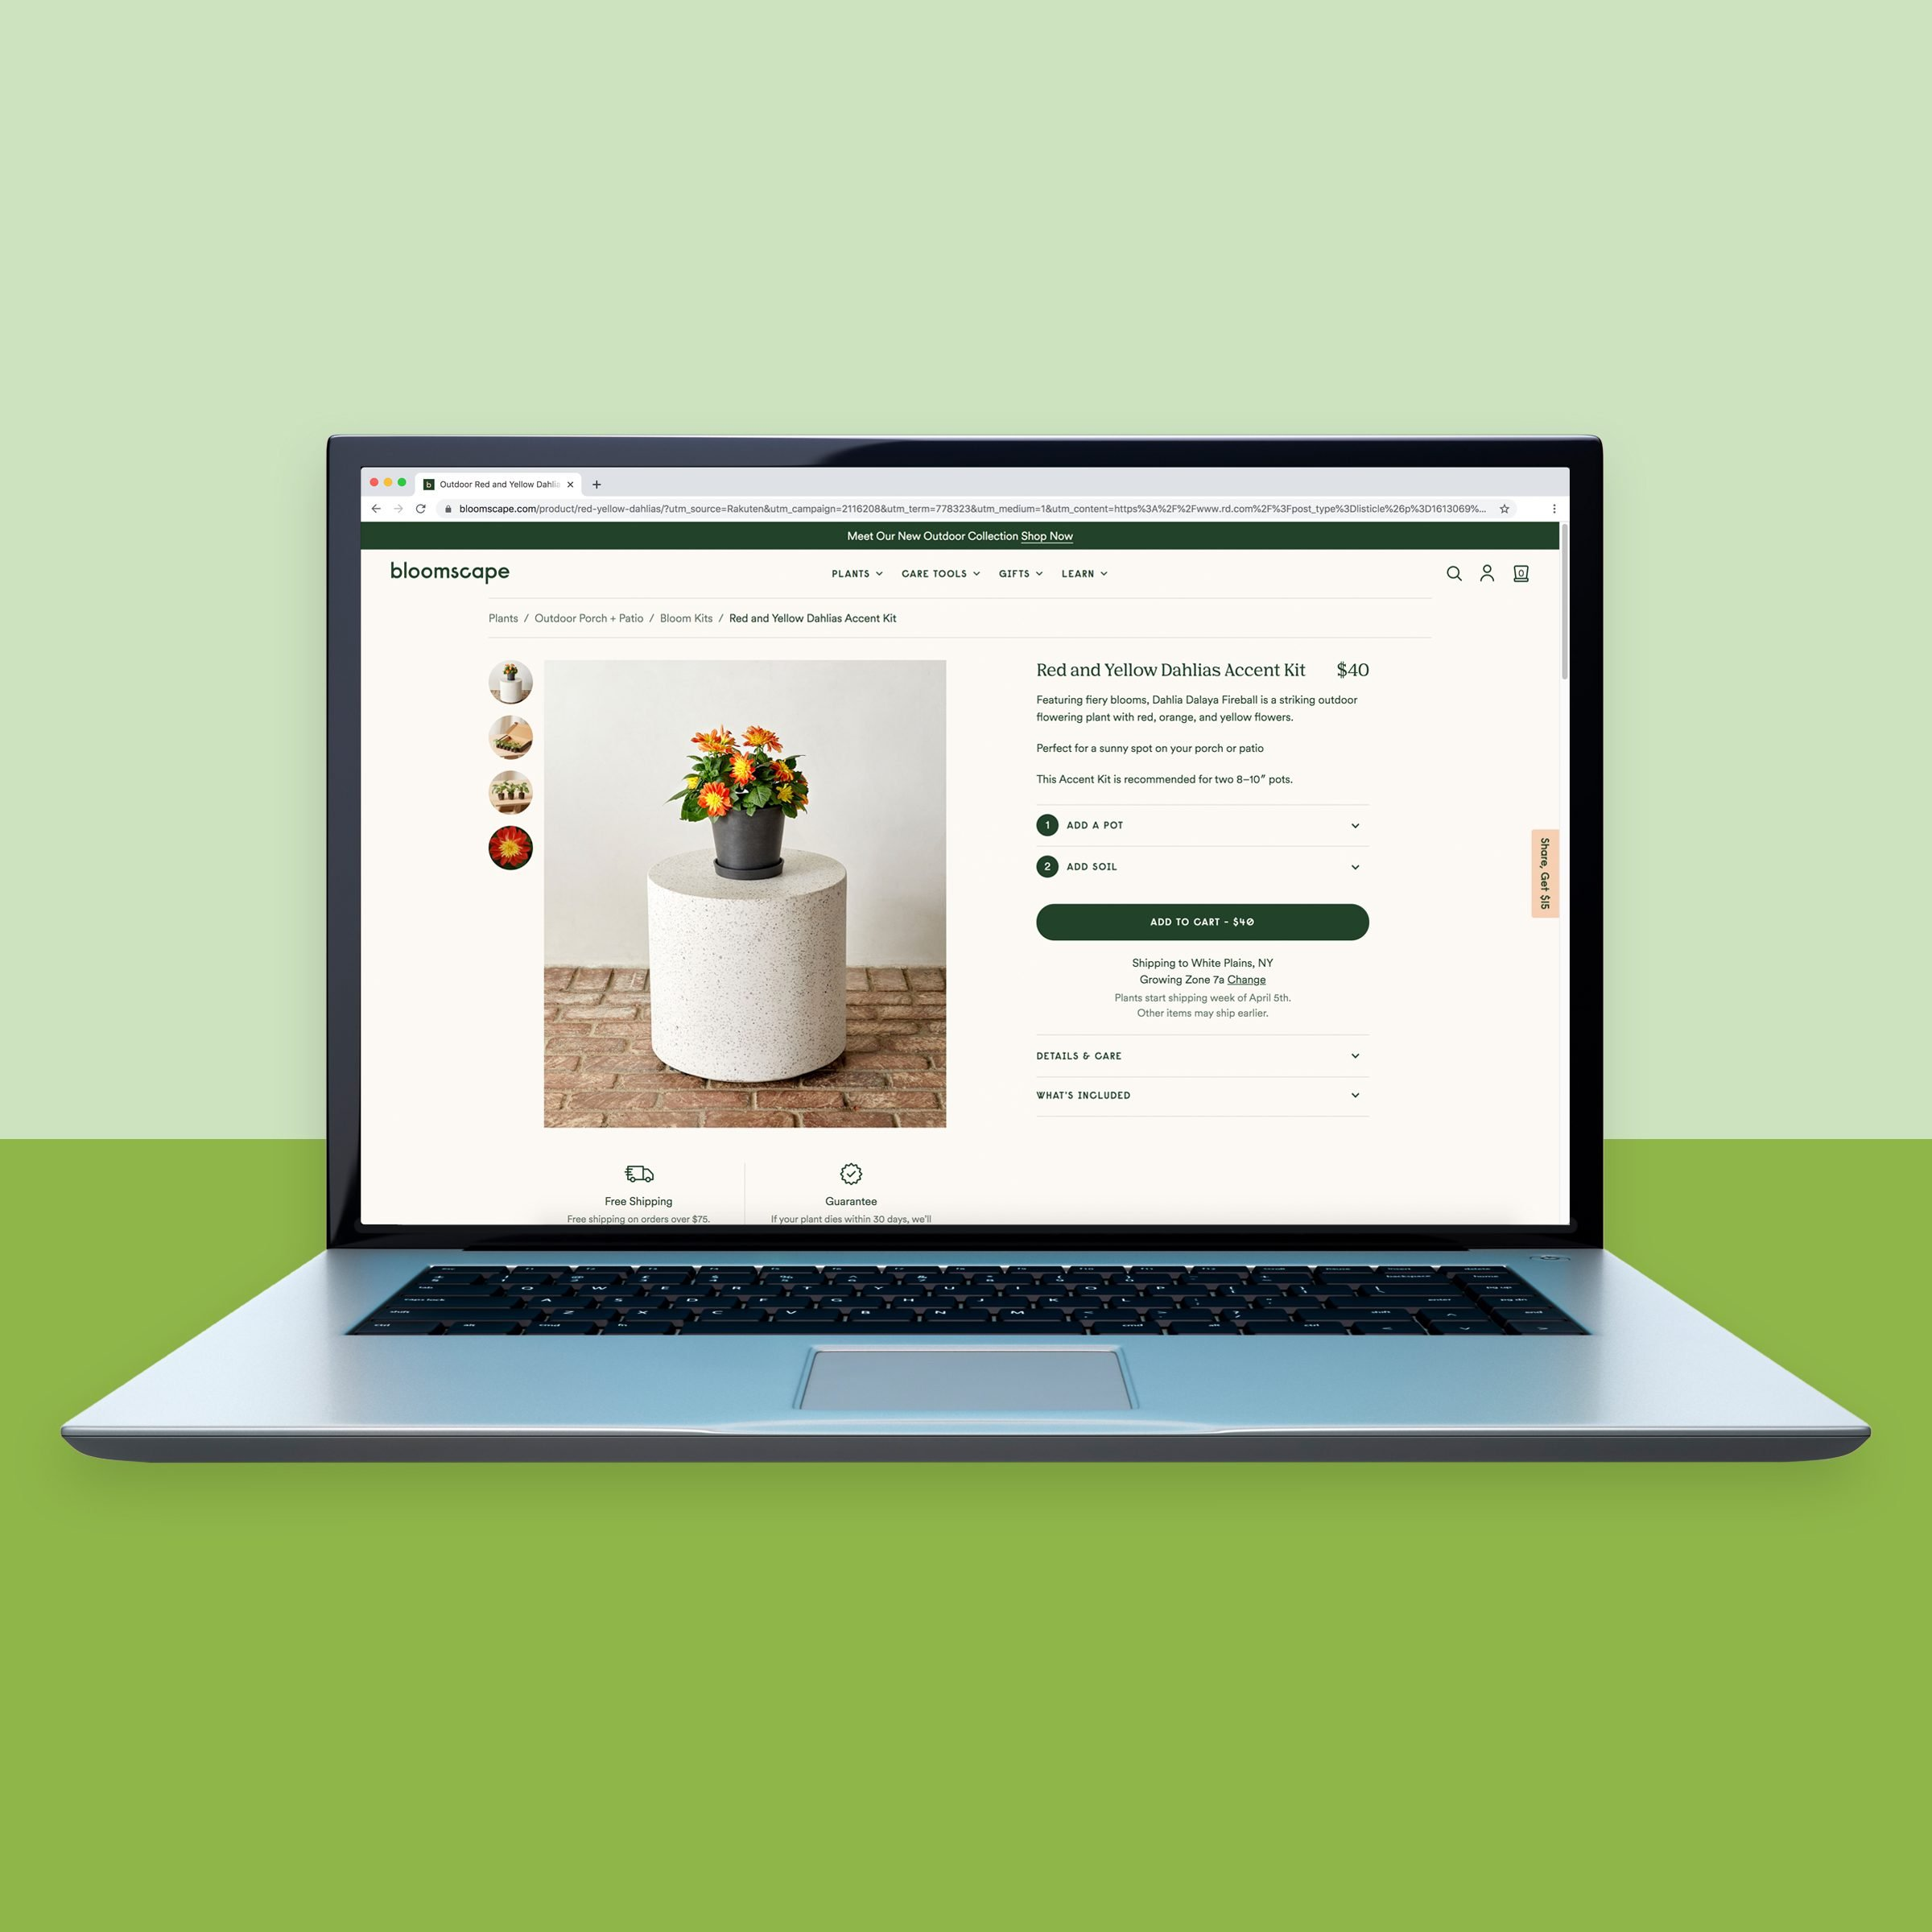 Bloomscape.com online plant shop